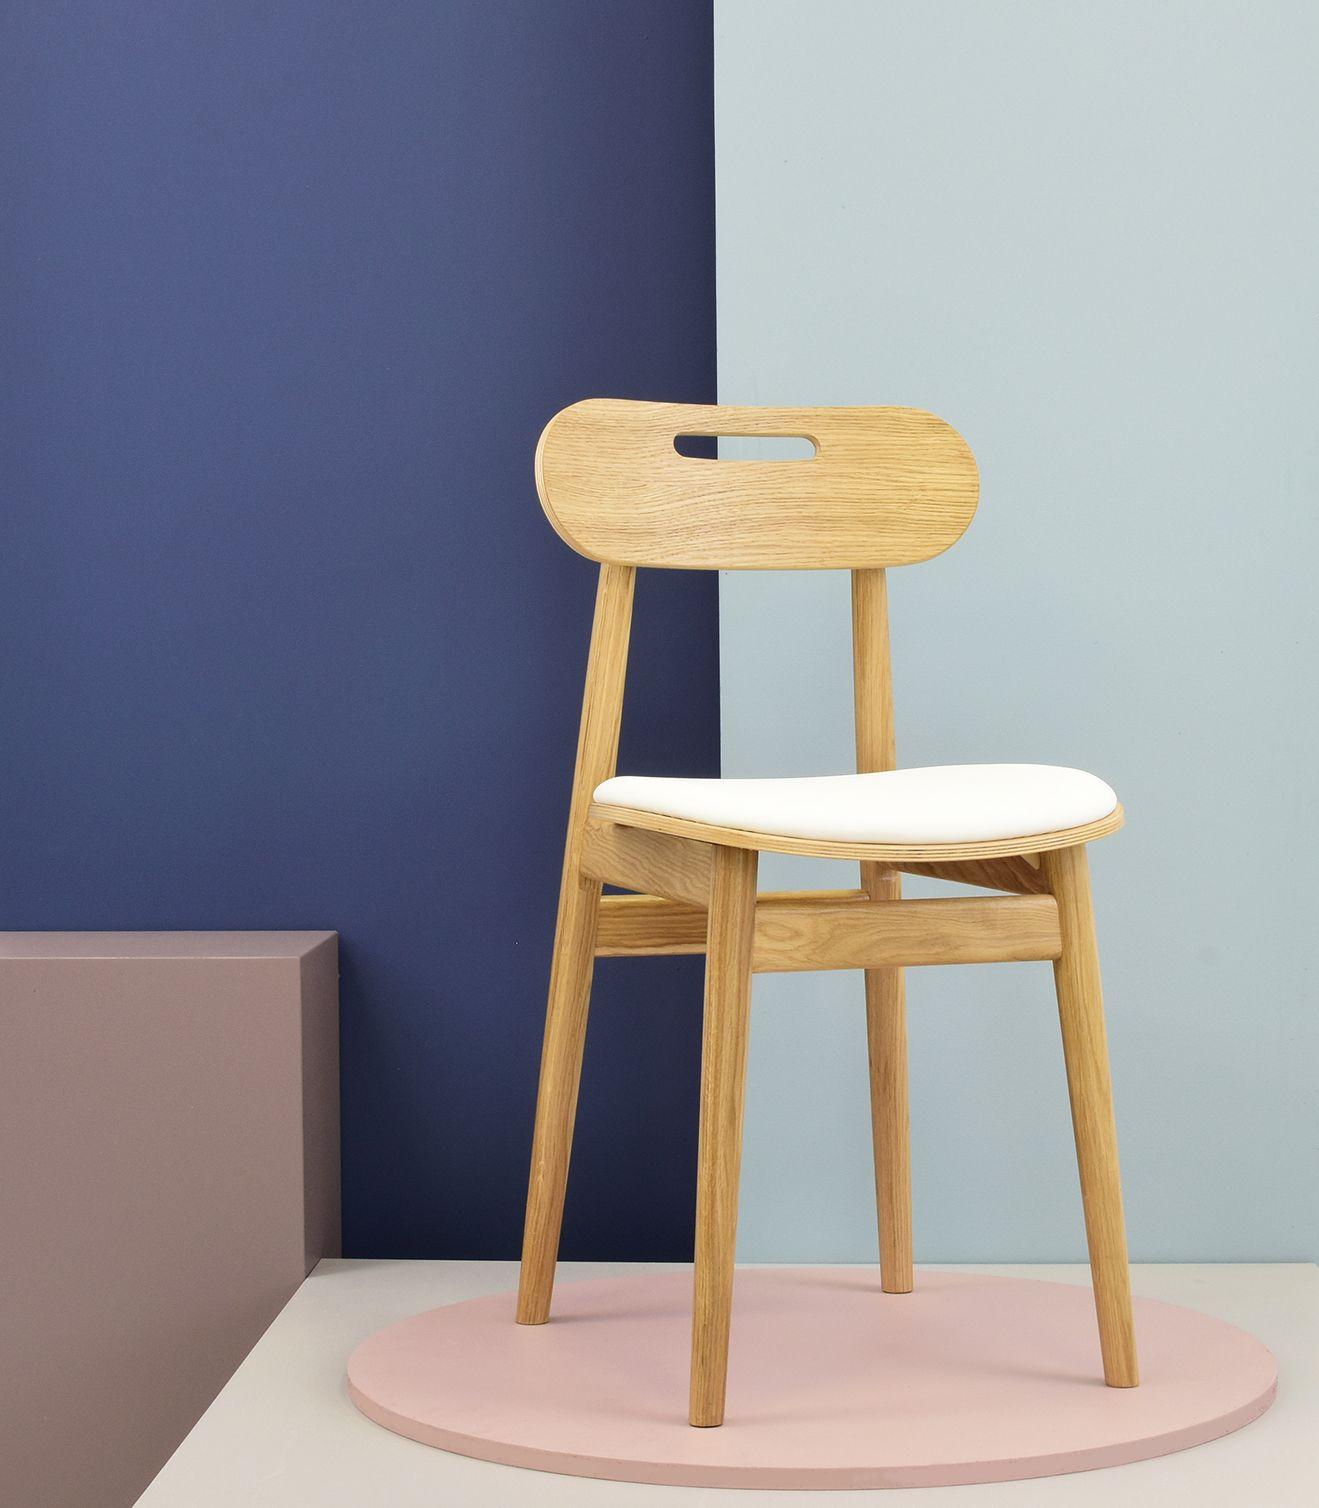 krzeslo drewniane debowe tapicerowane biale